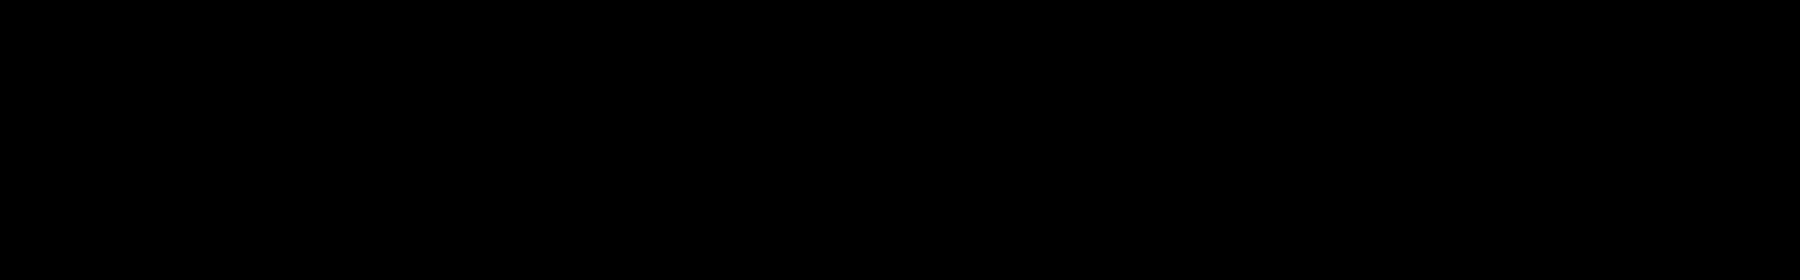 Skybound 2 audio waveform